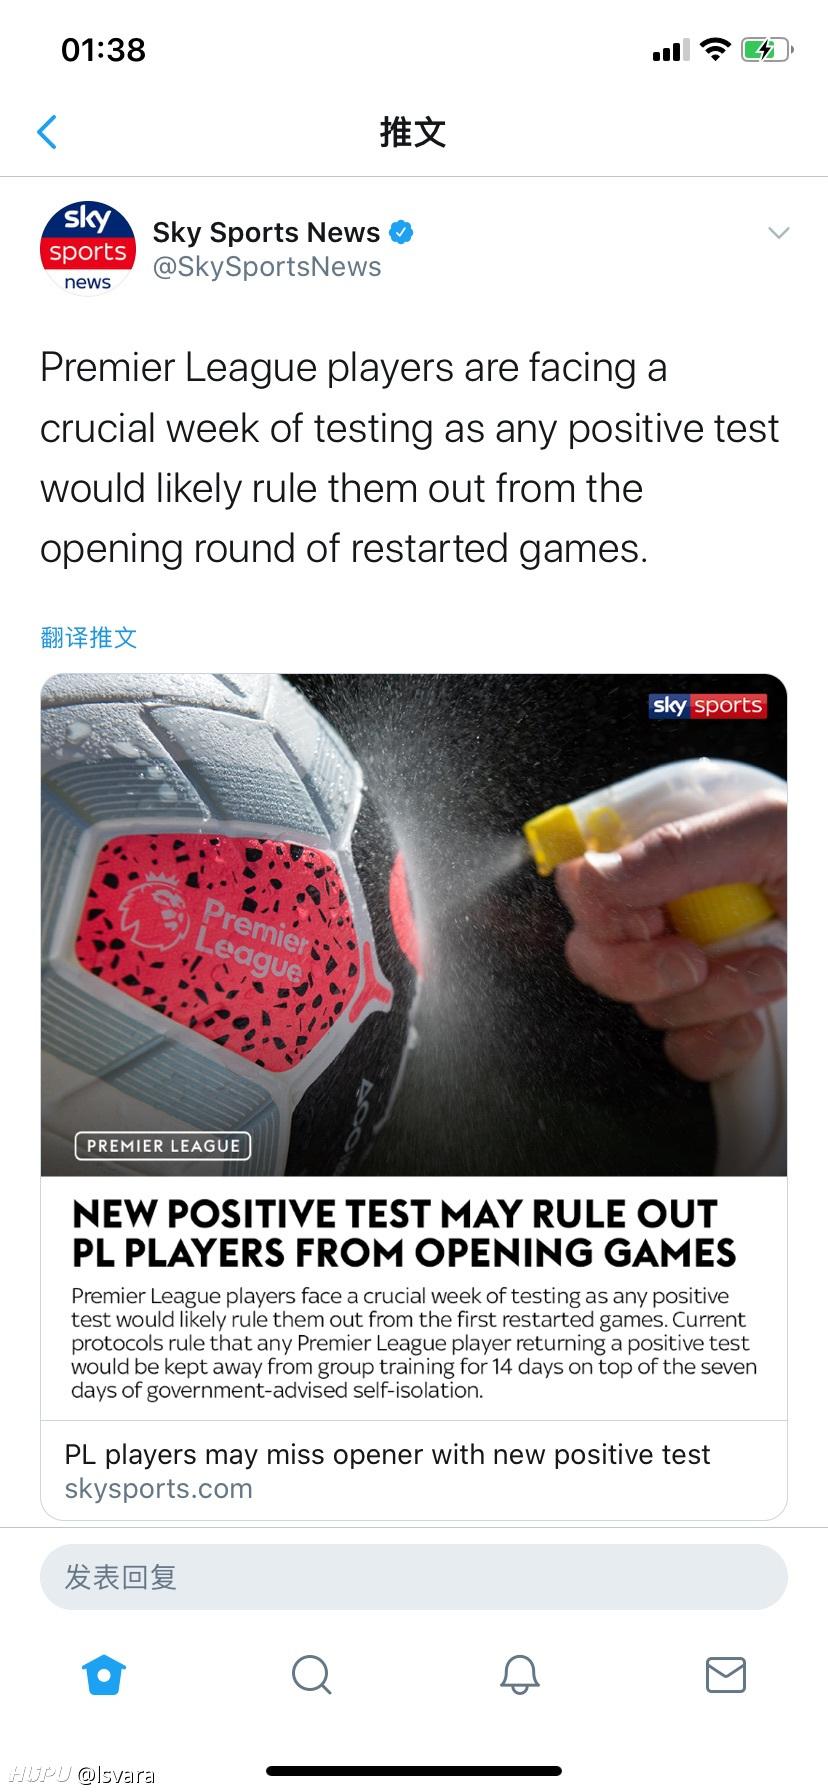 英超球员将面临至关重要的身体测试  足球话题区